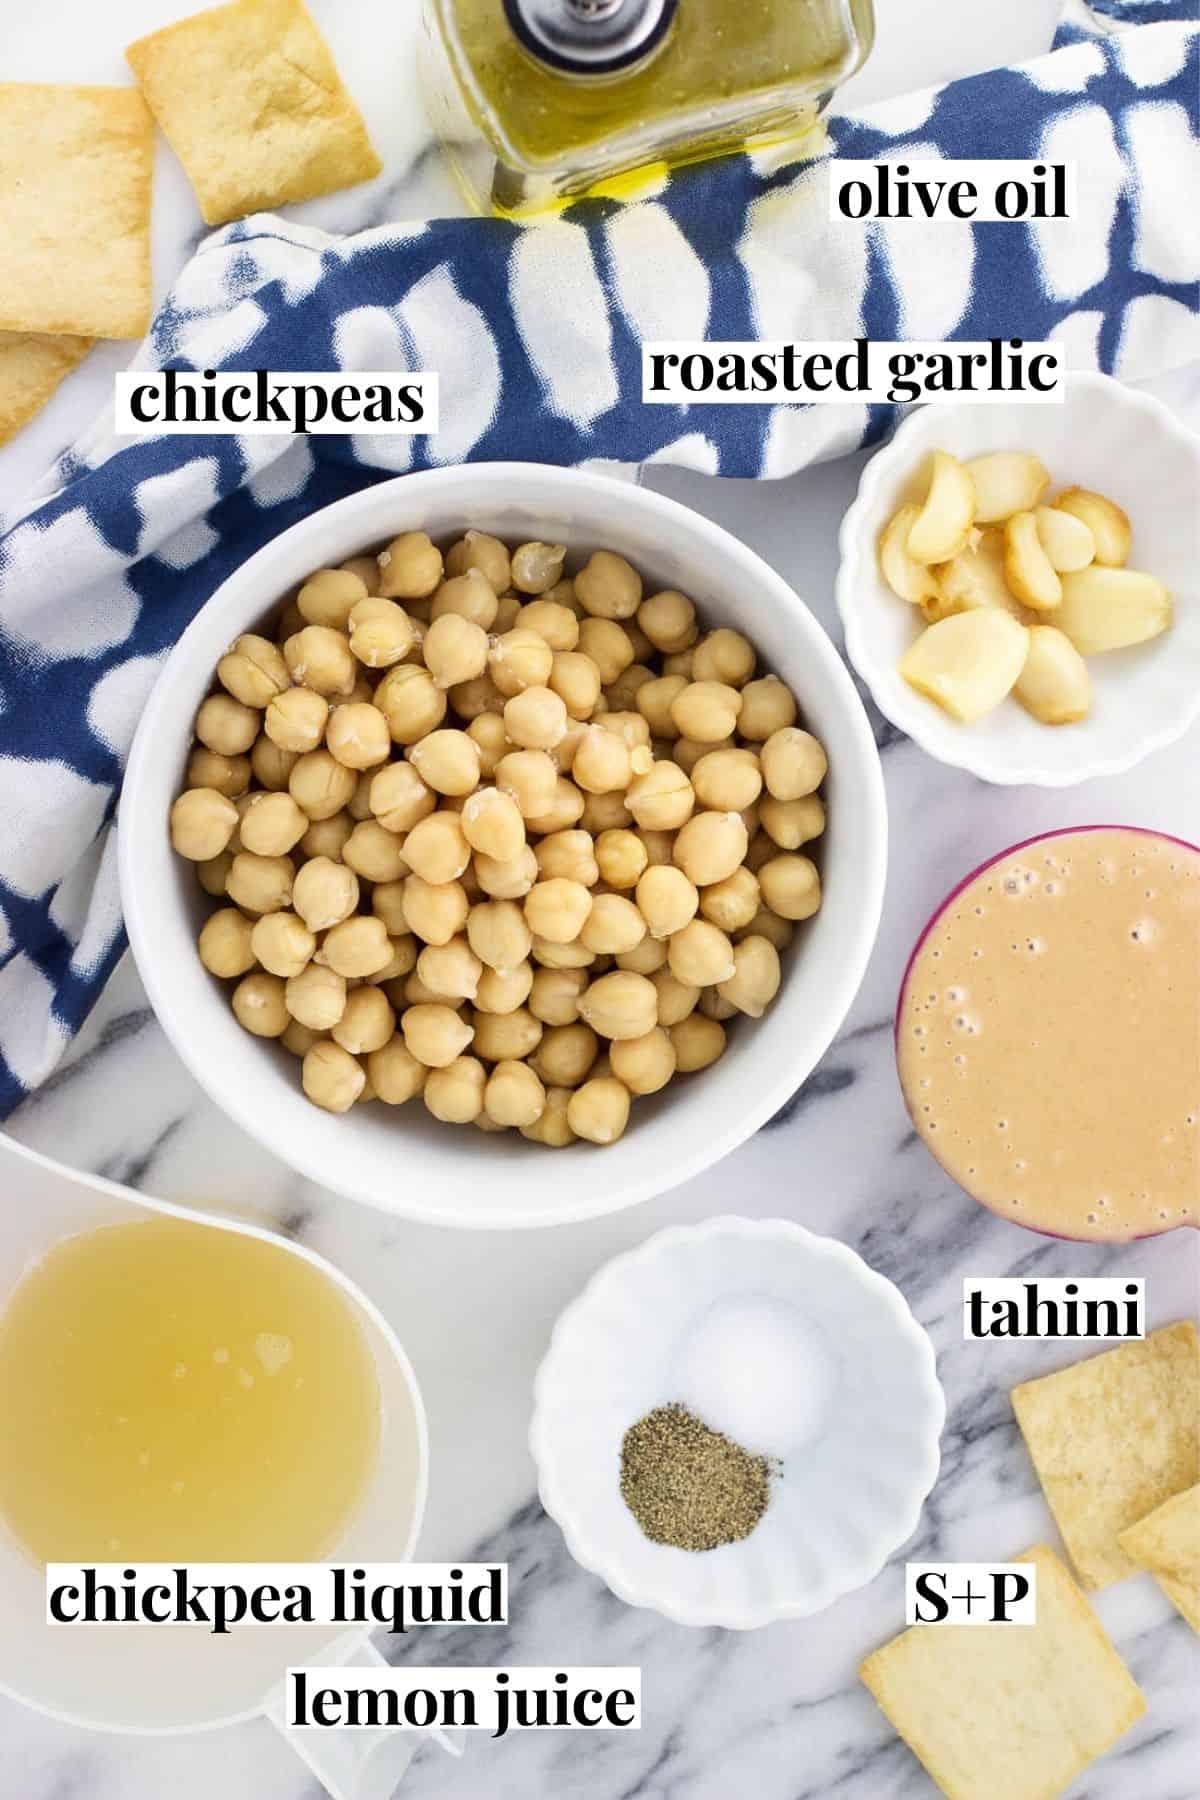 Labeled hummus ingredients in separate bowls.